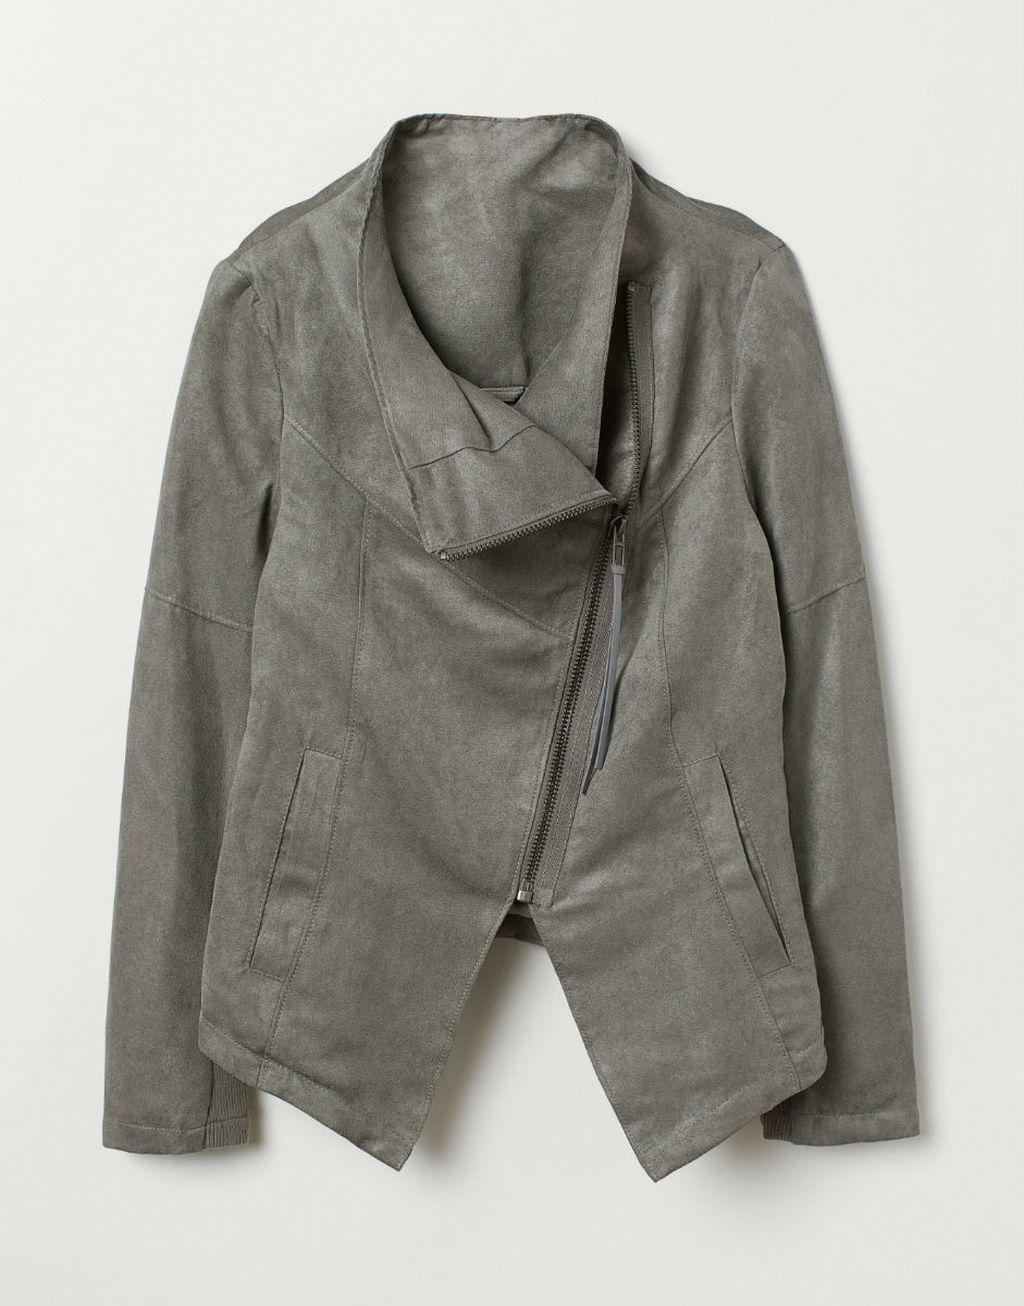 Finiji modeli jakni koje mogu zamijeniti proljetni kaput - 4